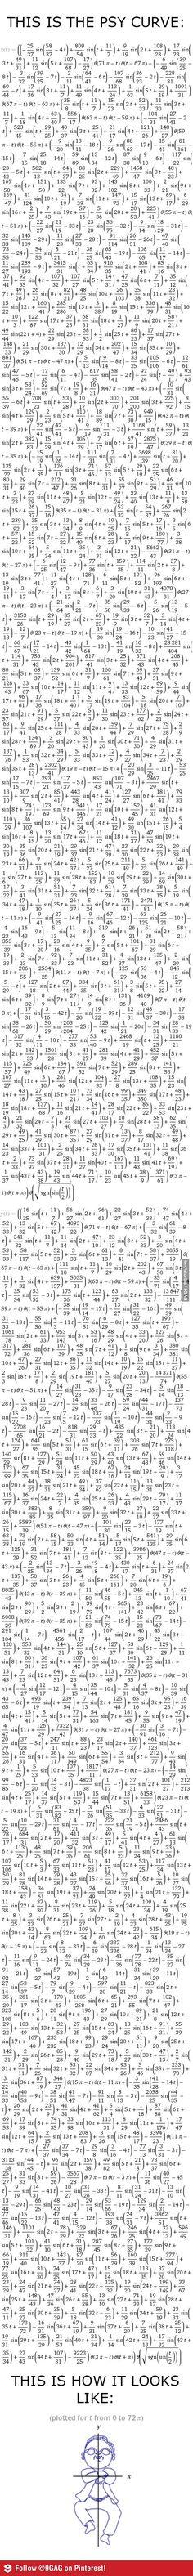 Oppa Algebra Style!